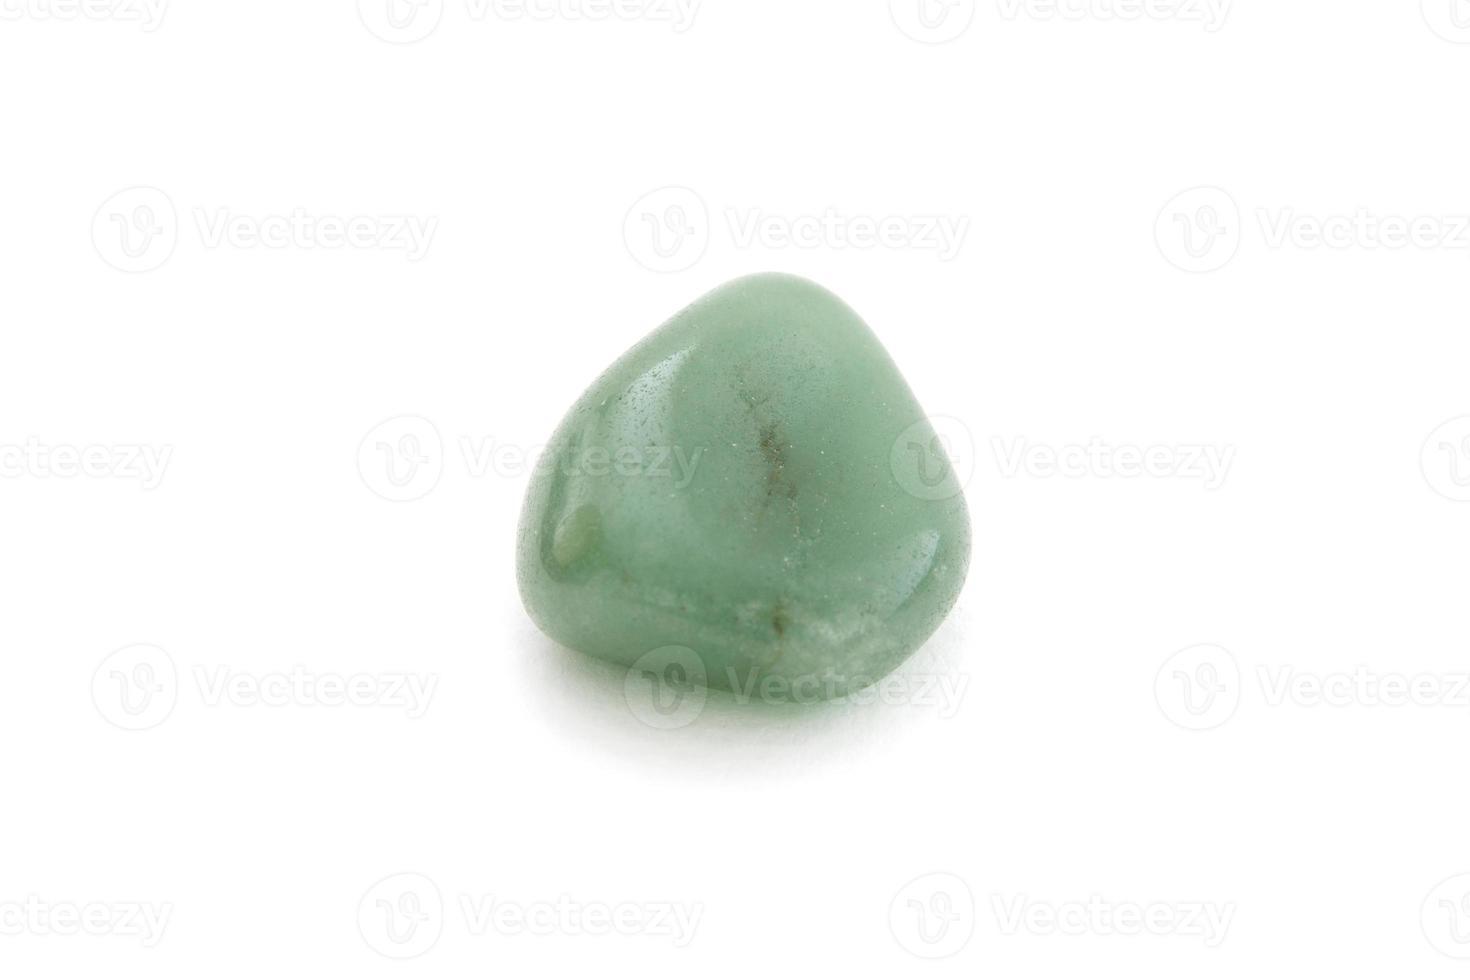 Agate verte minérale sur fond blanc photo